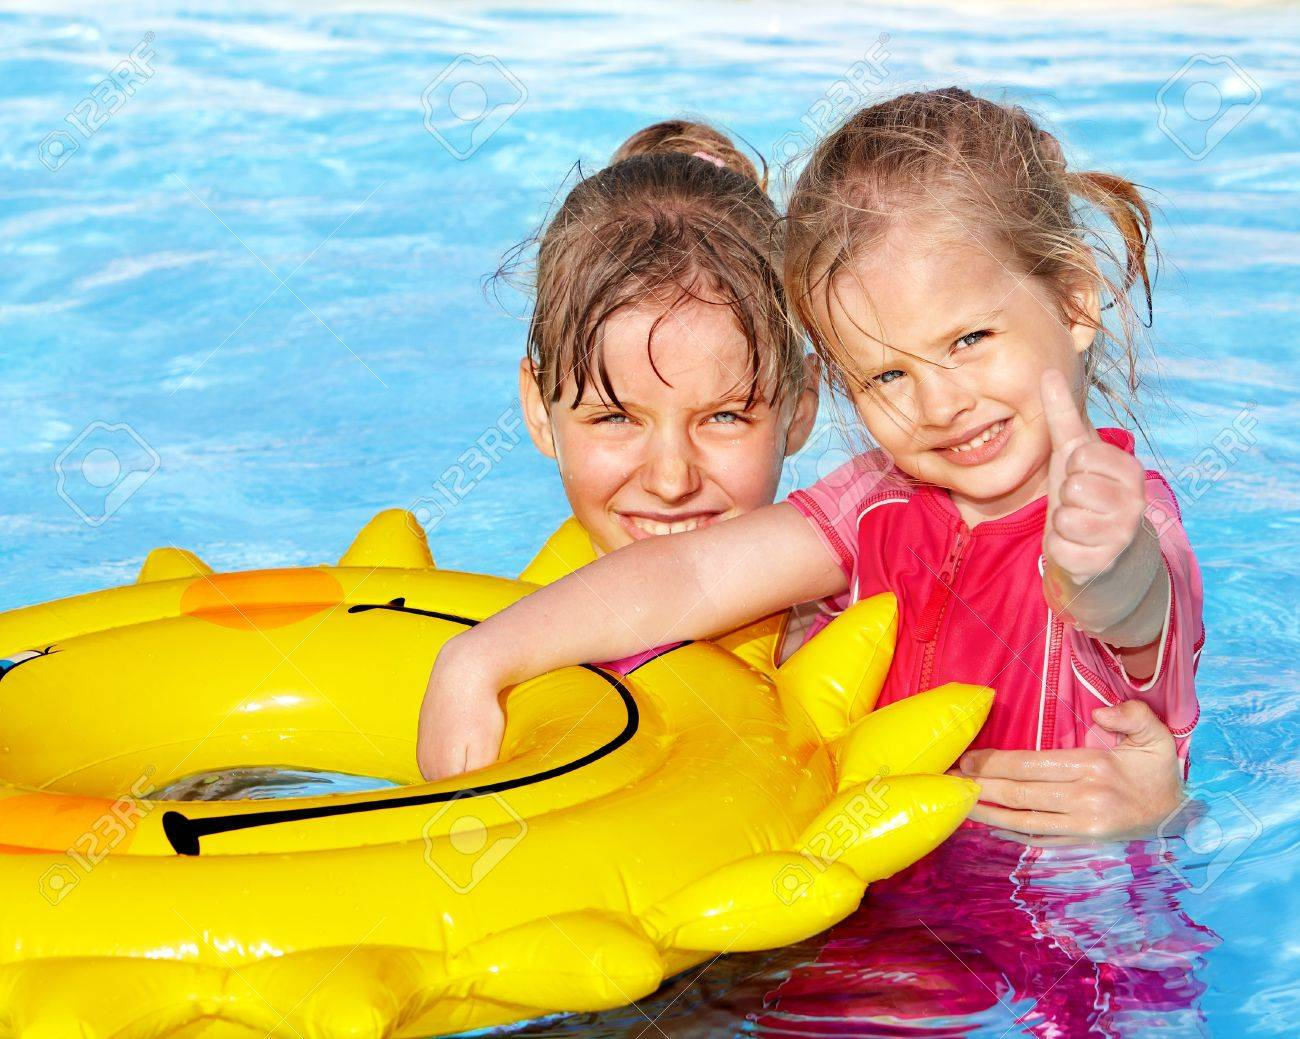 Сняли девочек в бассейне 4 фотография